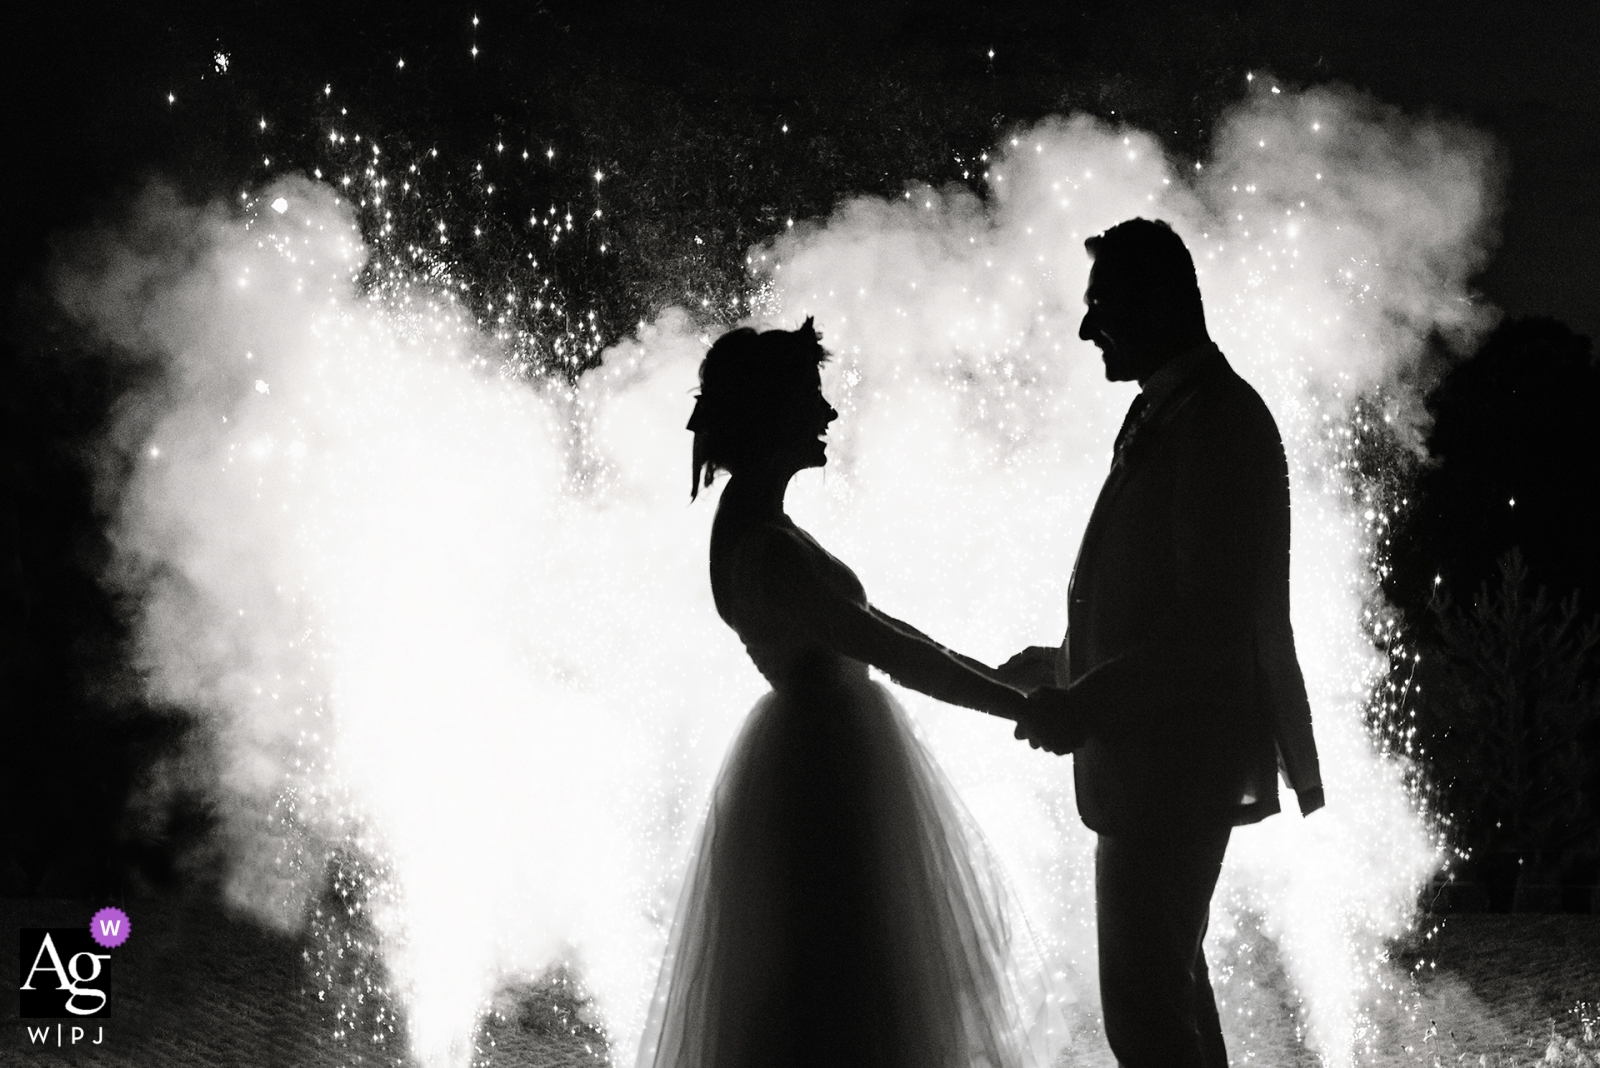 Polska czarno-biały portret ślubny pary podczas pokazu fajerwerków